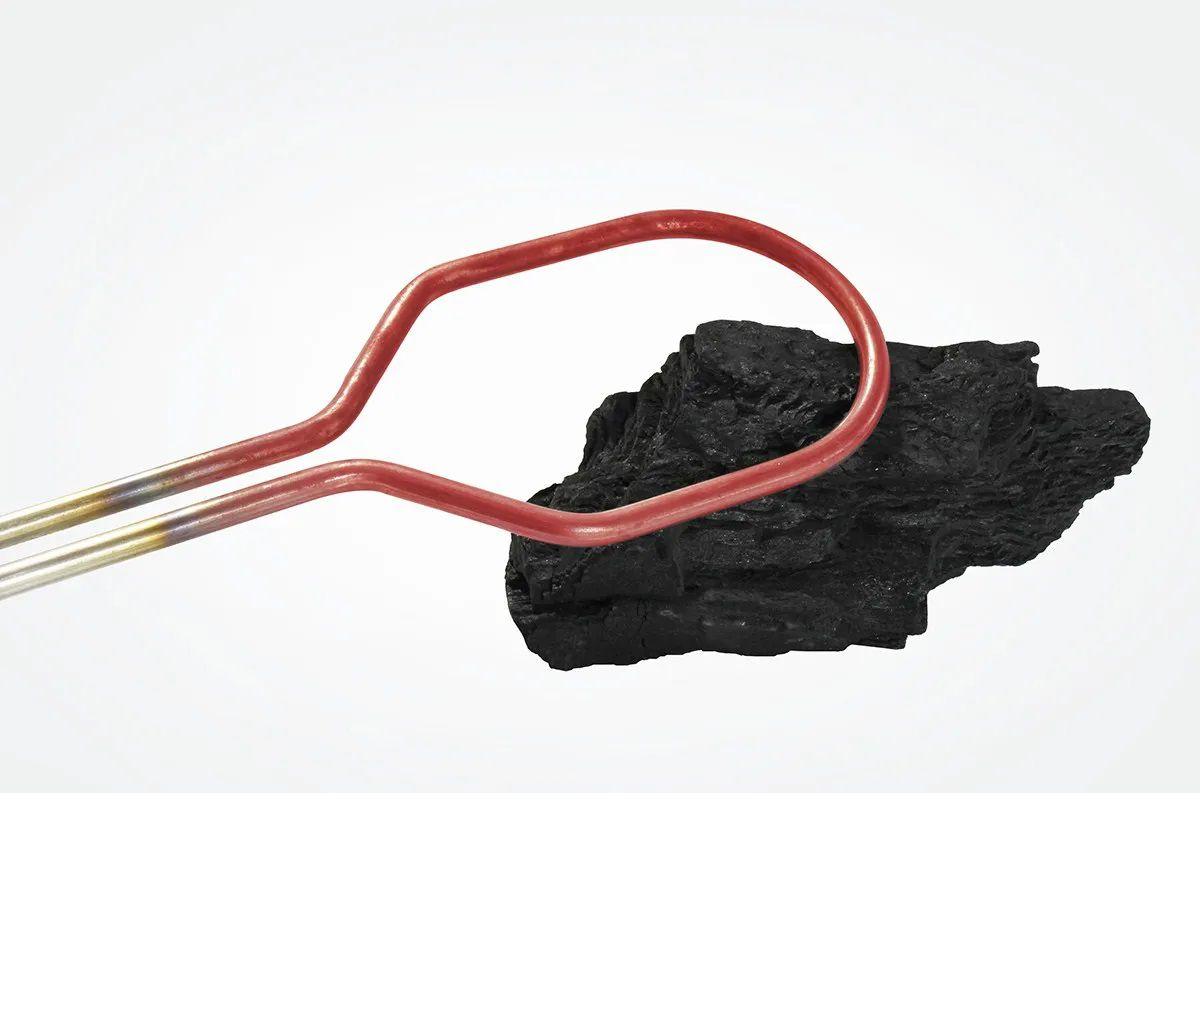 Acendedor Elétrico de Carvão e Lenha Giragrill AC-110